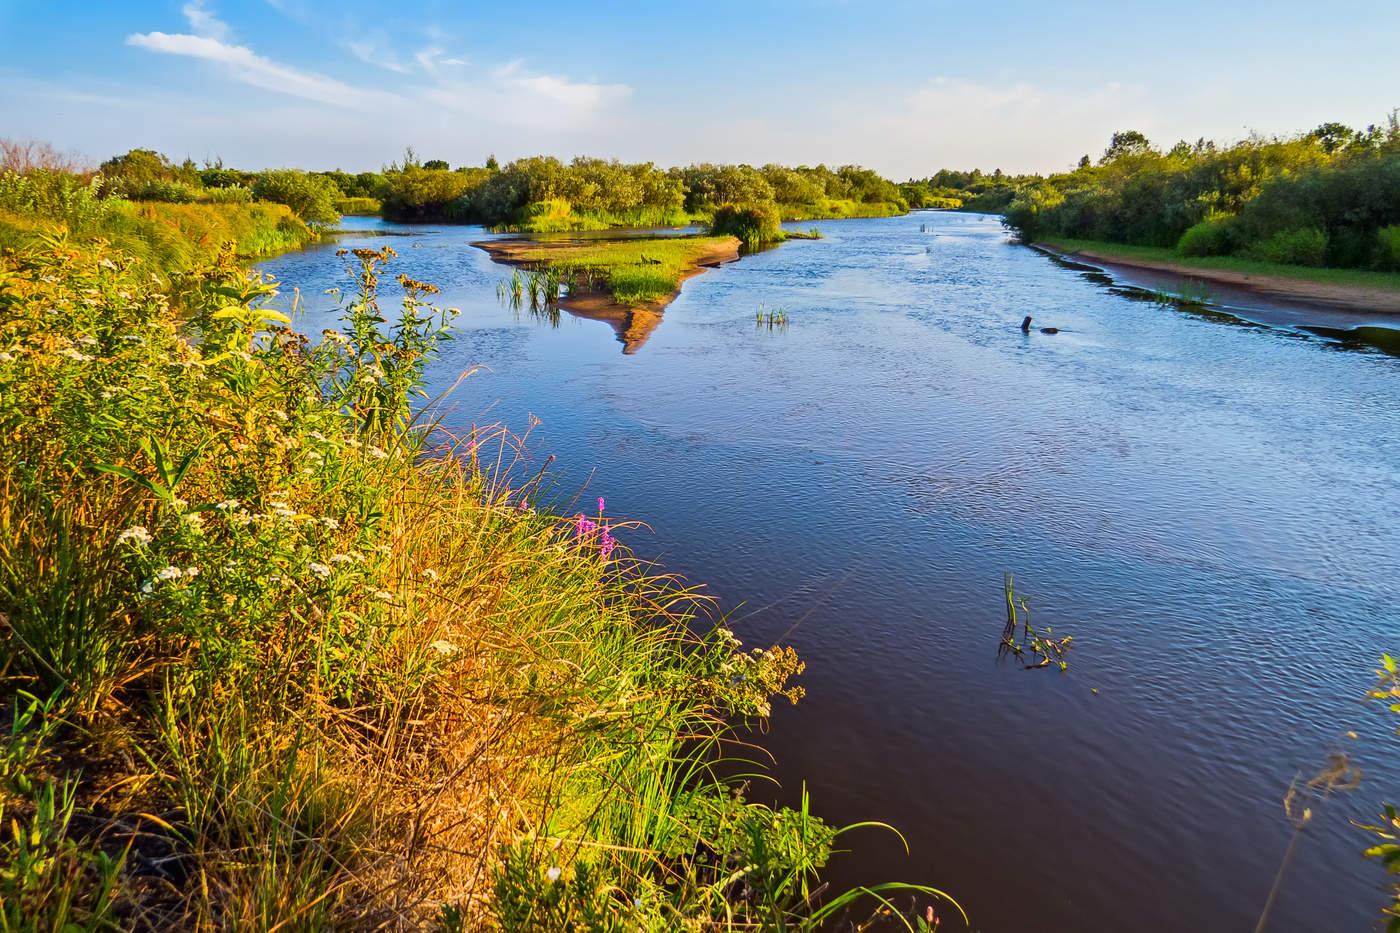 позиция реки белоруссии картинки немало